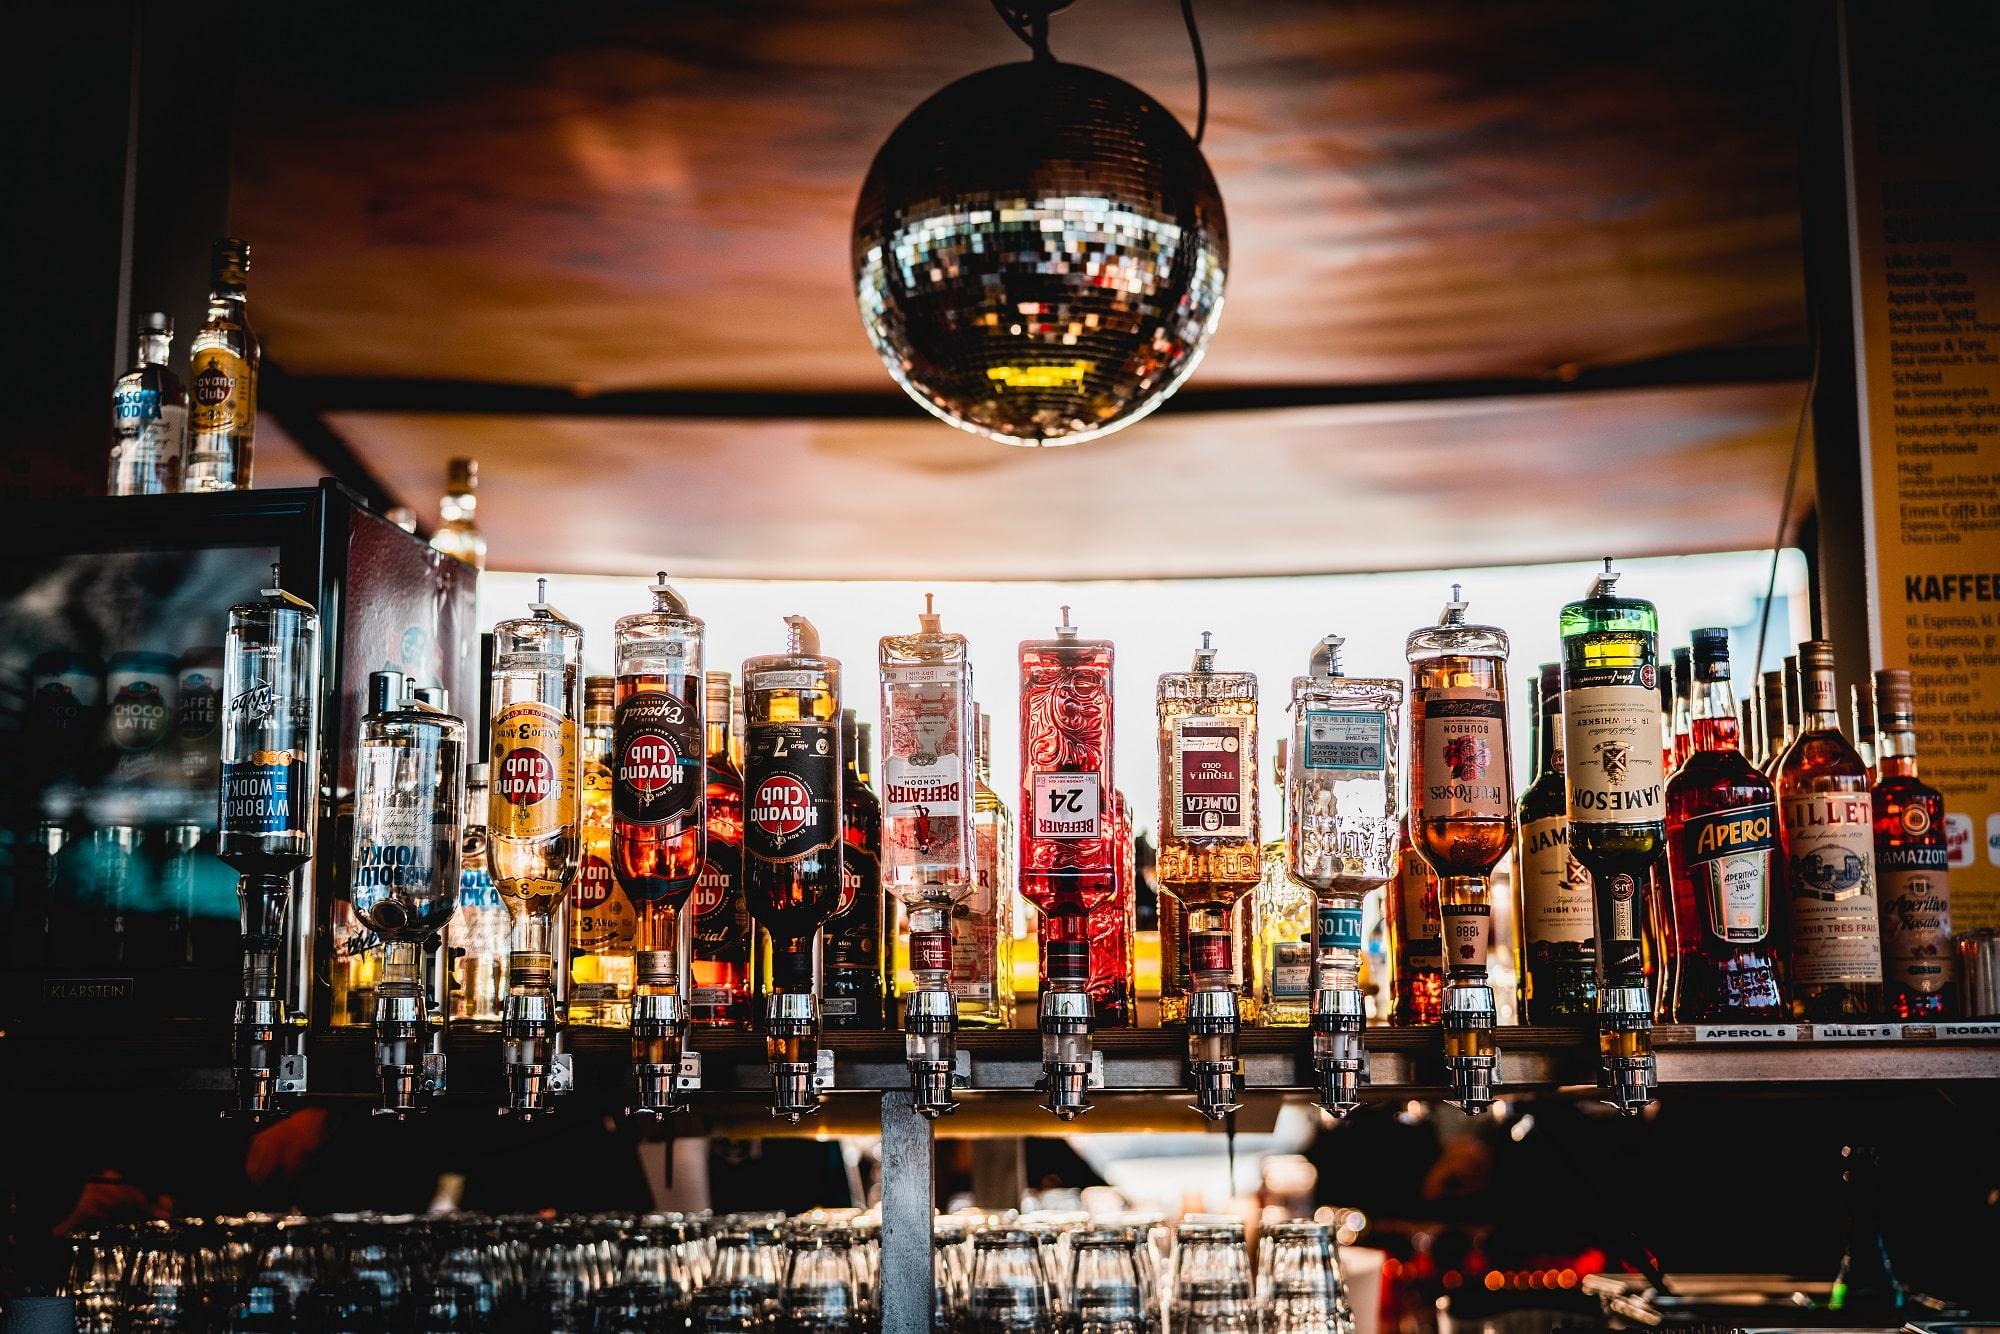 Strandbar Herrmann Bar